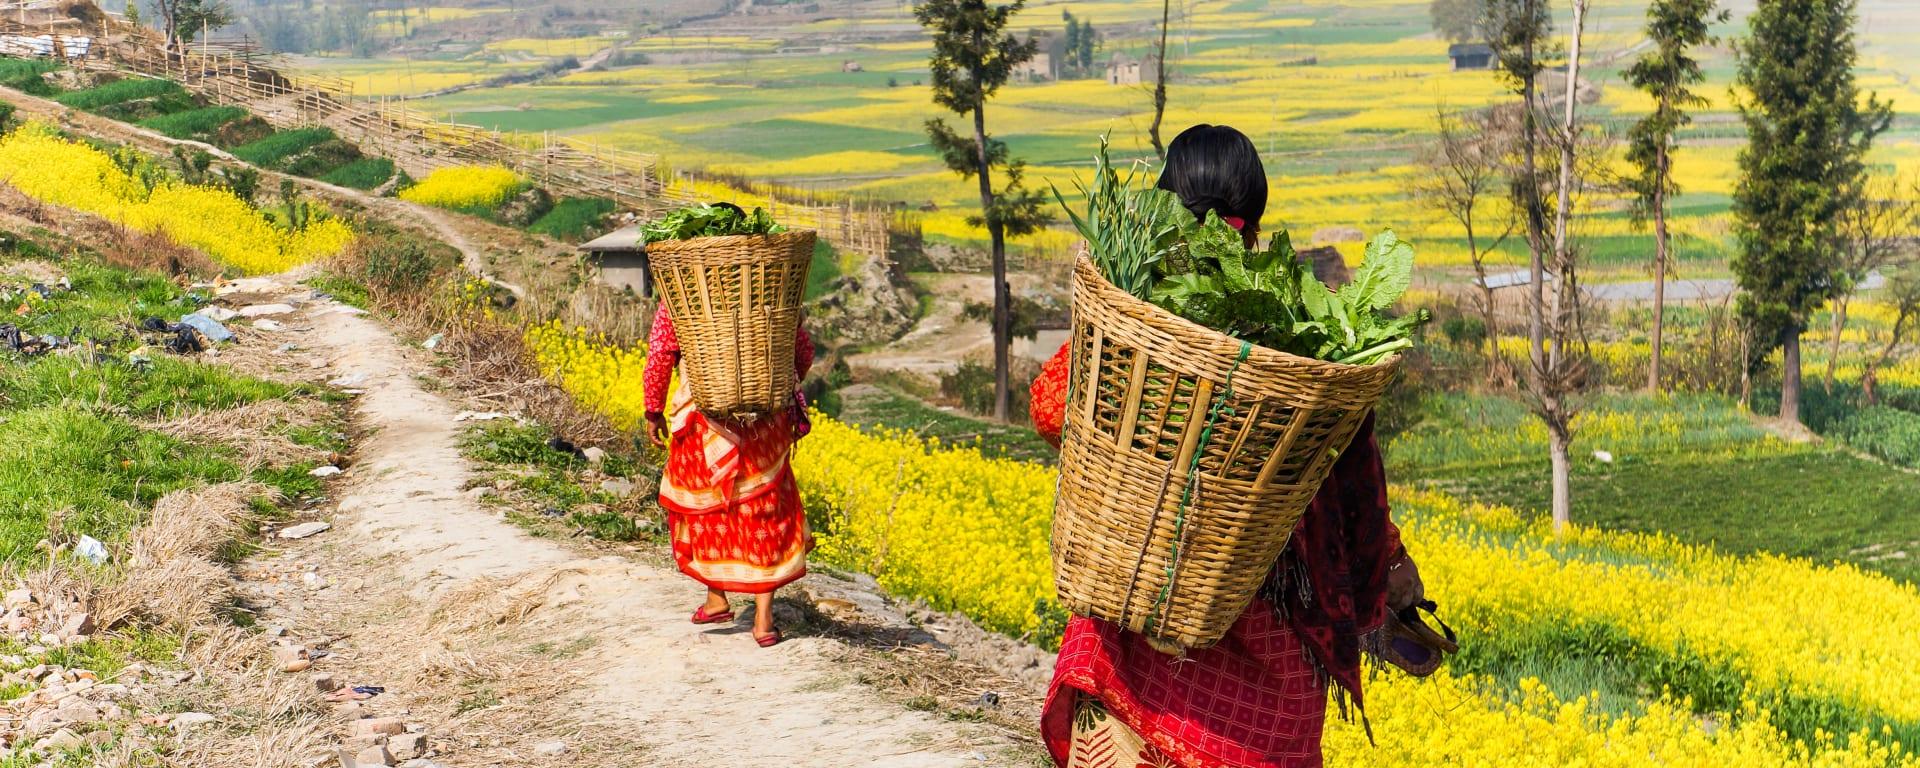 Nepal entdecken mit Tischler Reisen: Nepal Bauern auf dem Land